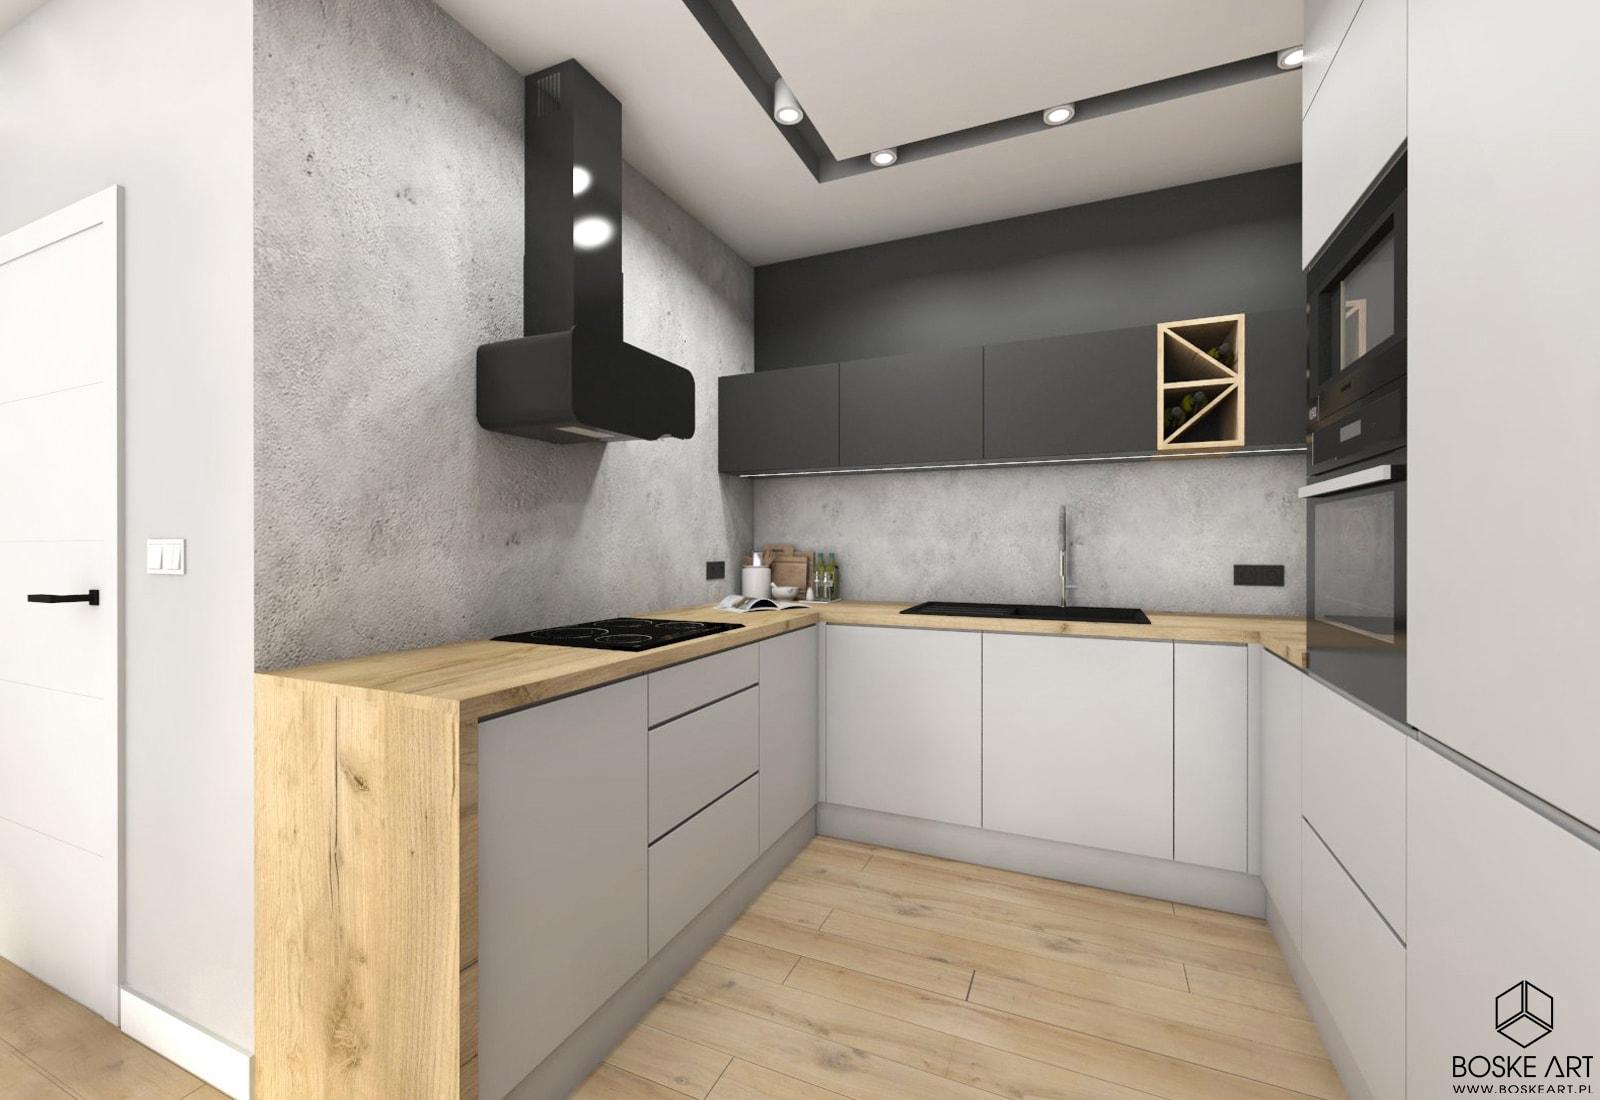 2_mieszkanie_poznan_boske_art_projektowanie_wnetrz_architektura_natalia_robaszkiewicz-min